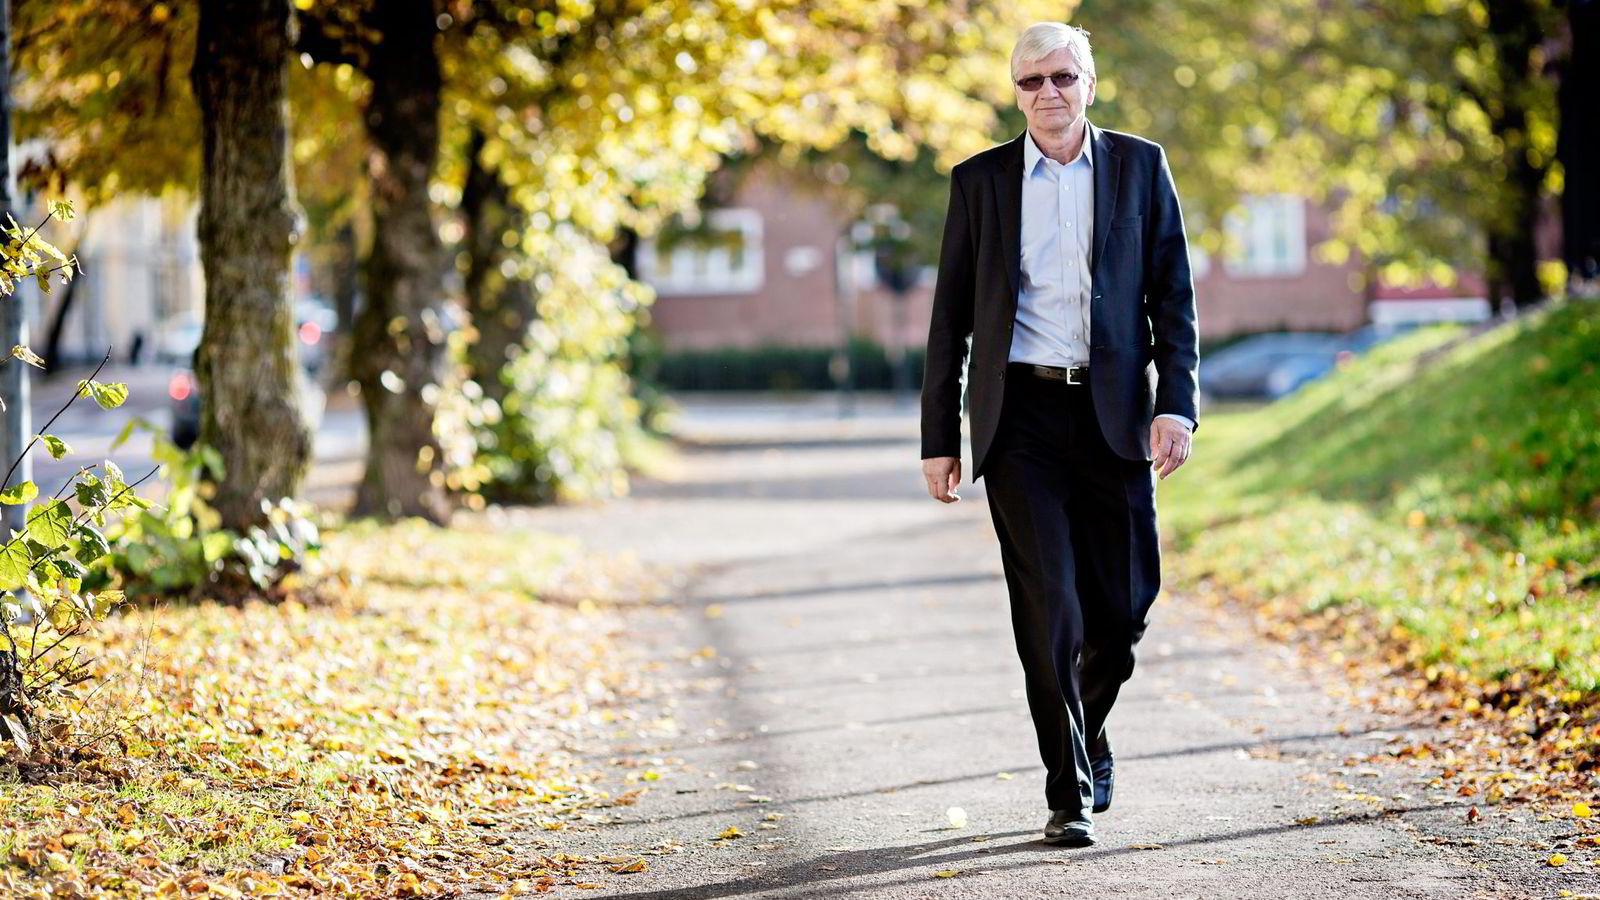 – Vi lever fortsatt i oljeprisboblen, sier Nordea-økonom Steinar Juel, som blir trist av å lese regjeringens budsjettforlik. Foto: Ida von Hanno Bast